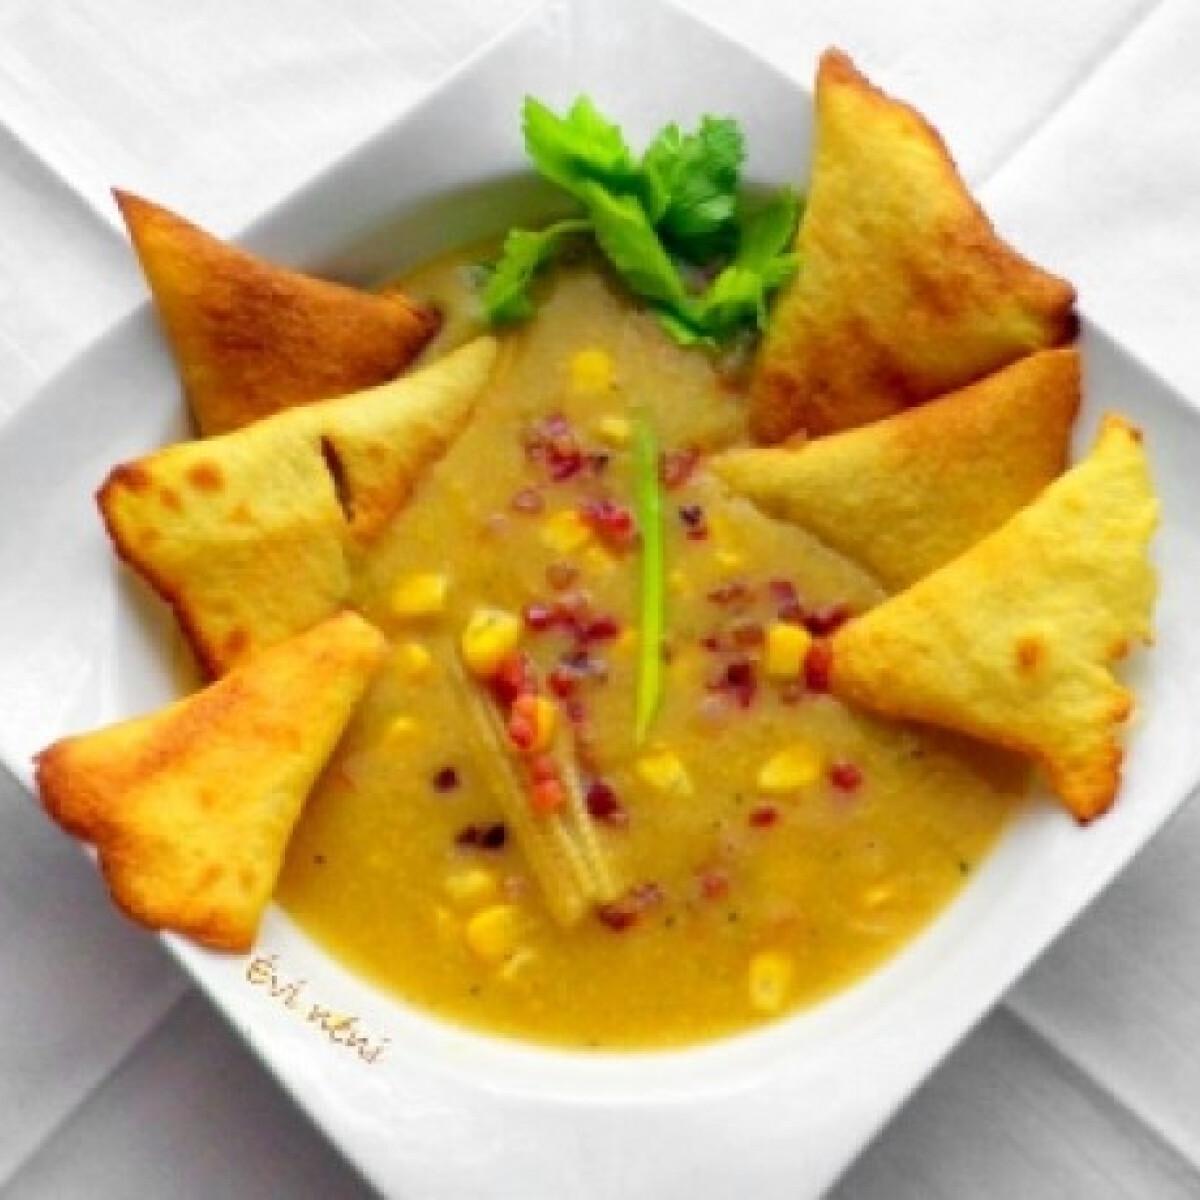 Kukoricakrémleves tortillachips-szel